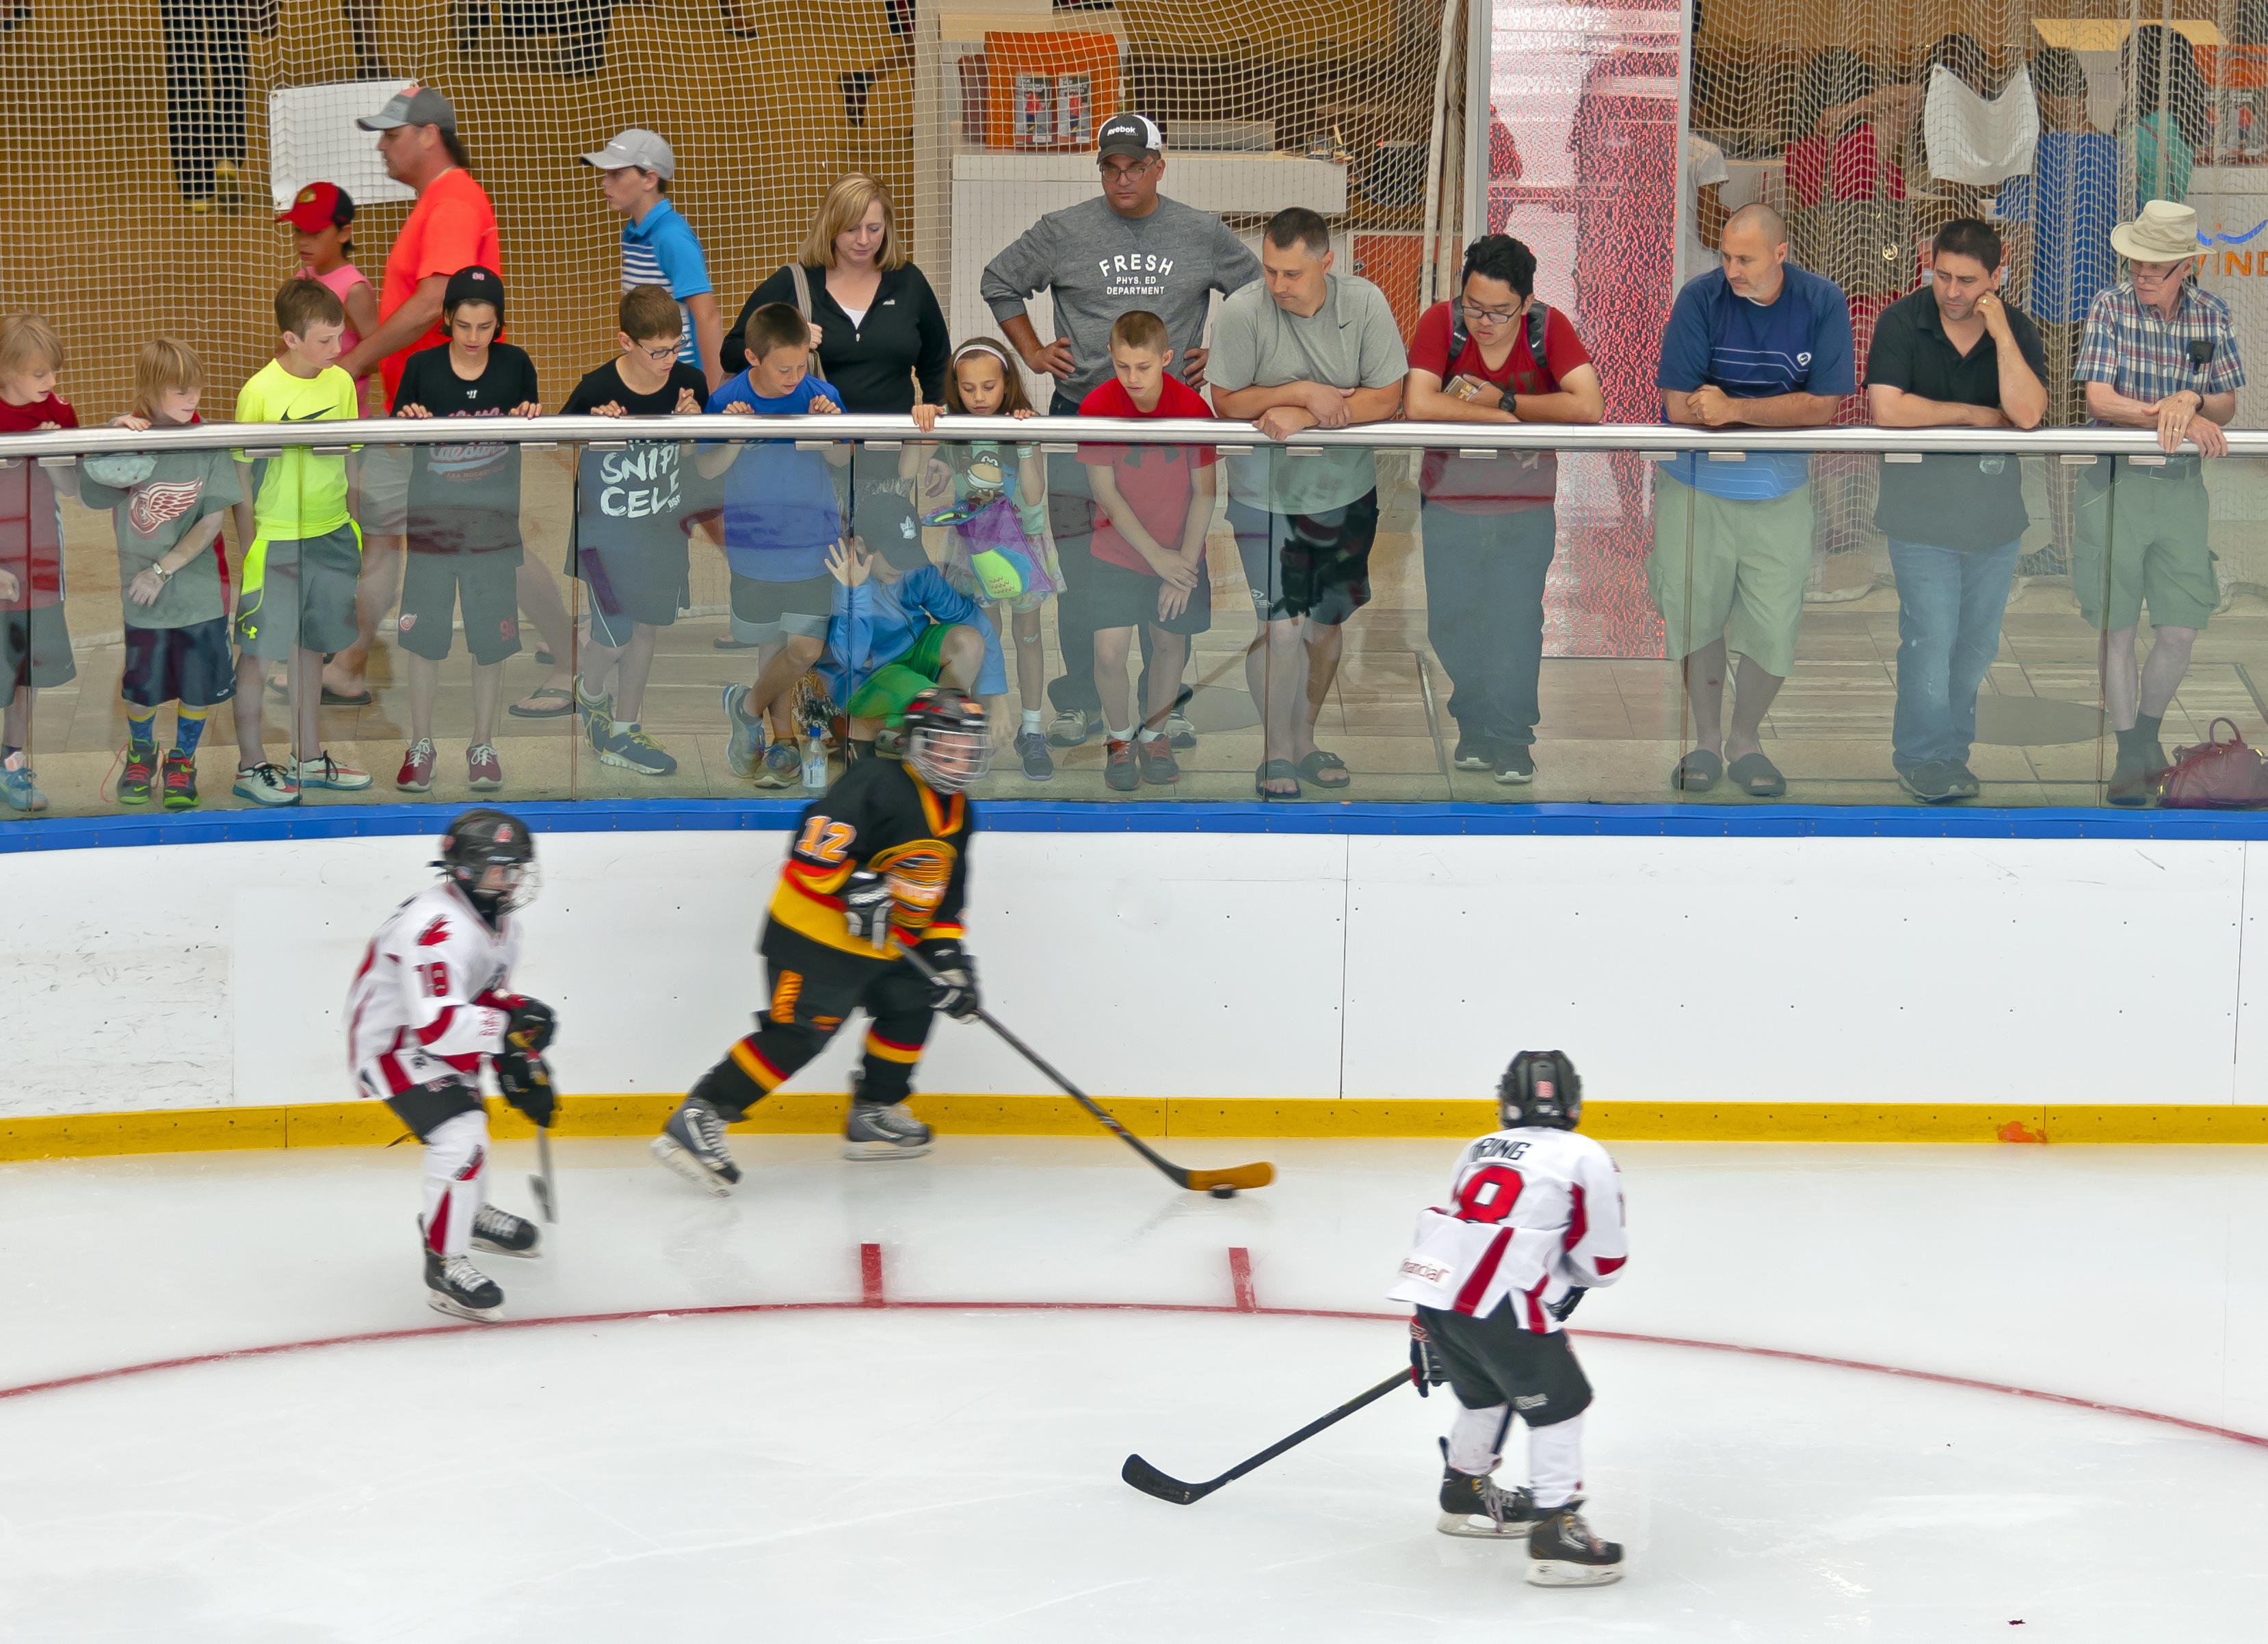 Qué deporte es adecuado para los niños